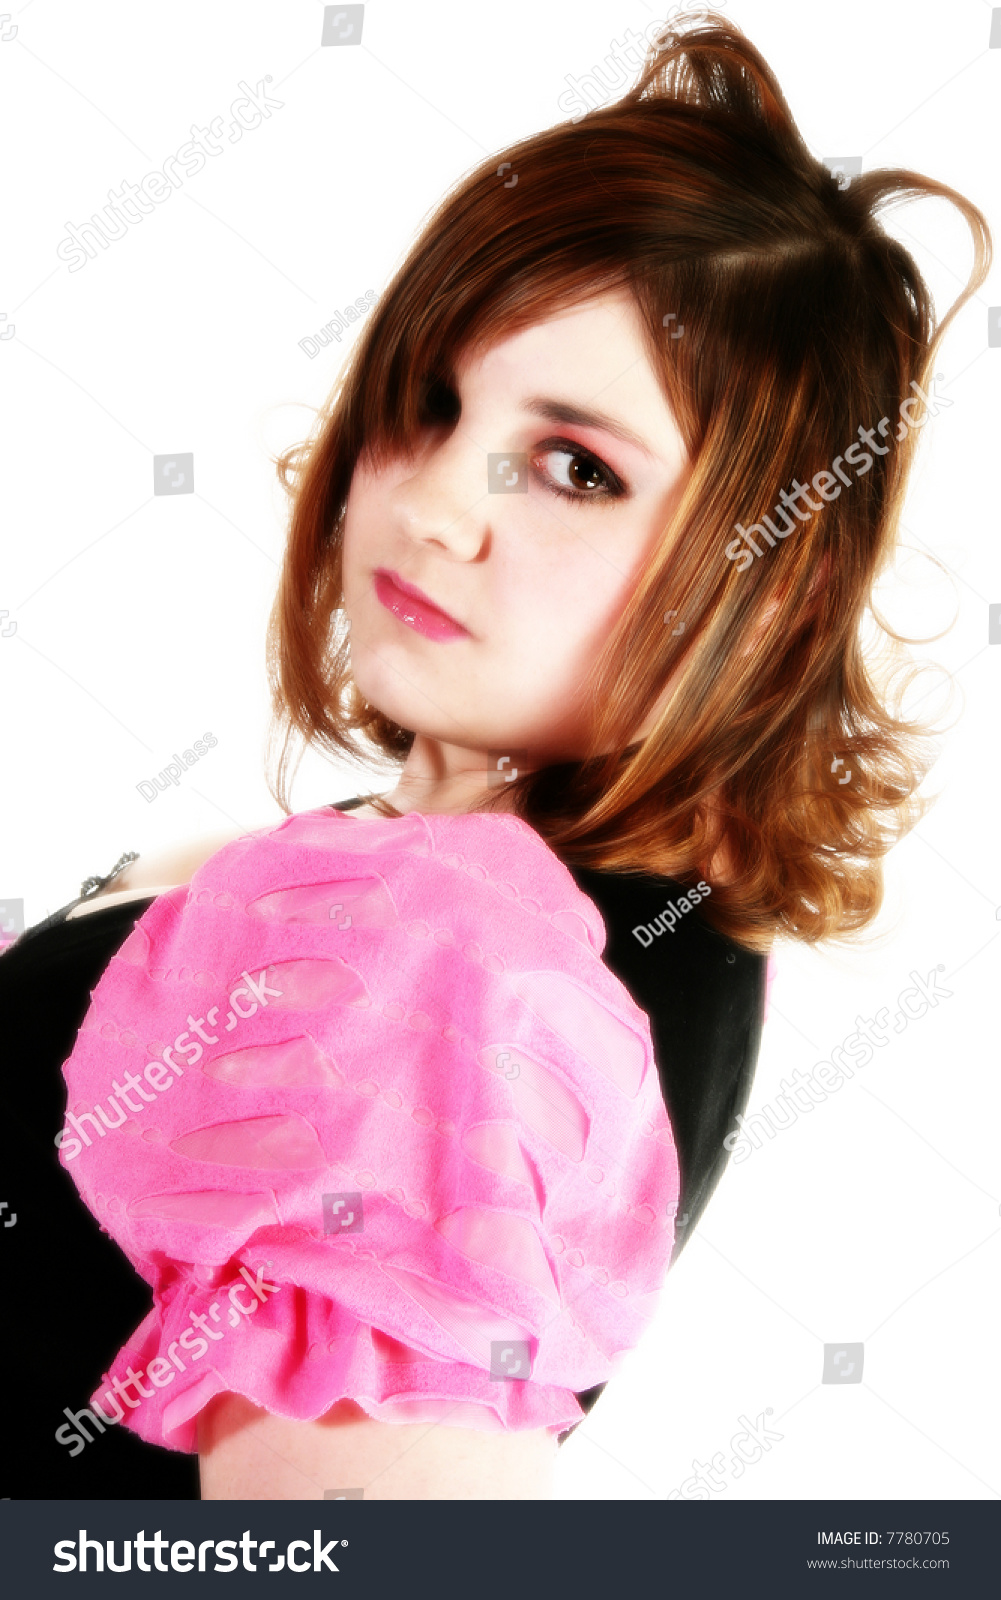 Beautiful 16 Year Old Teen Girl Stock Photo 7780705